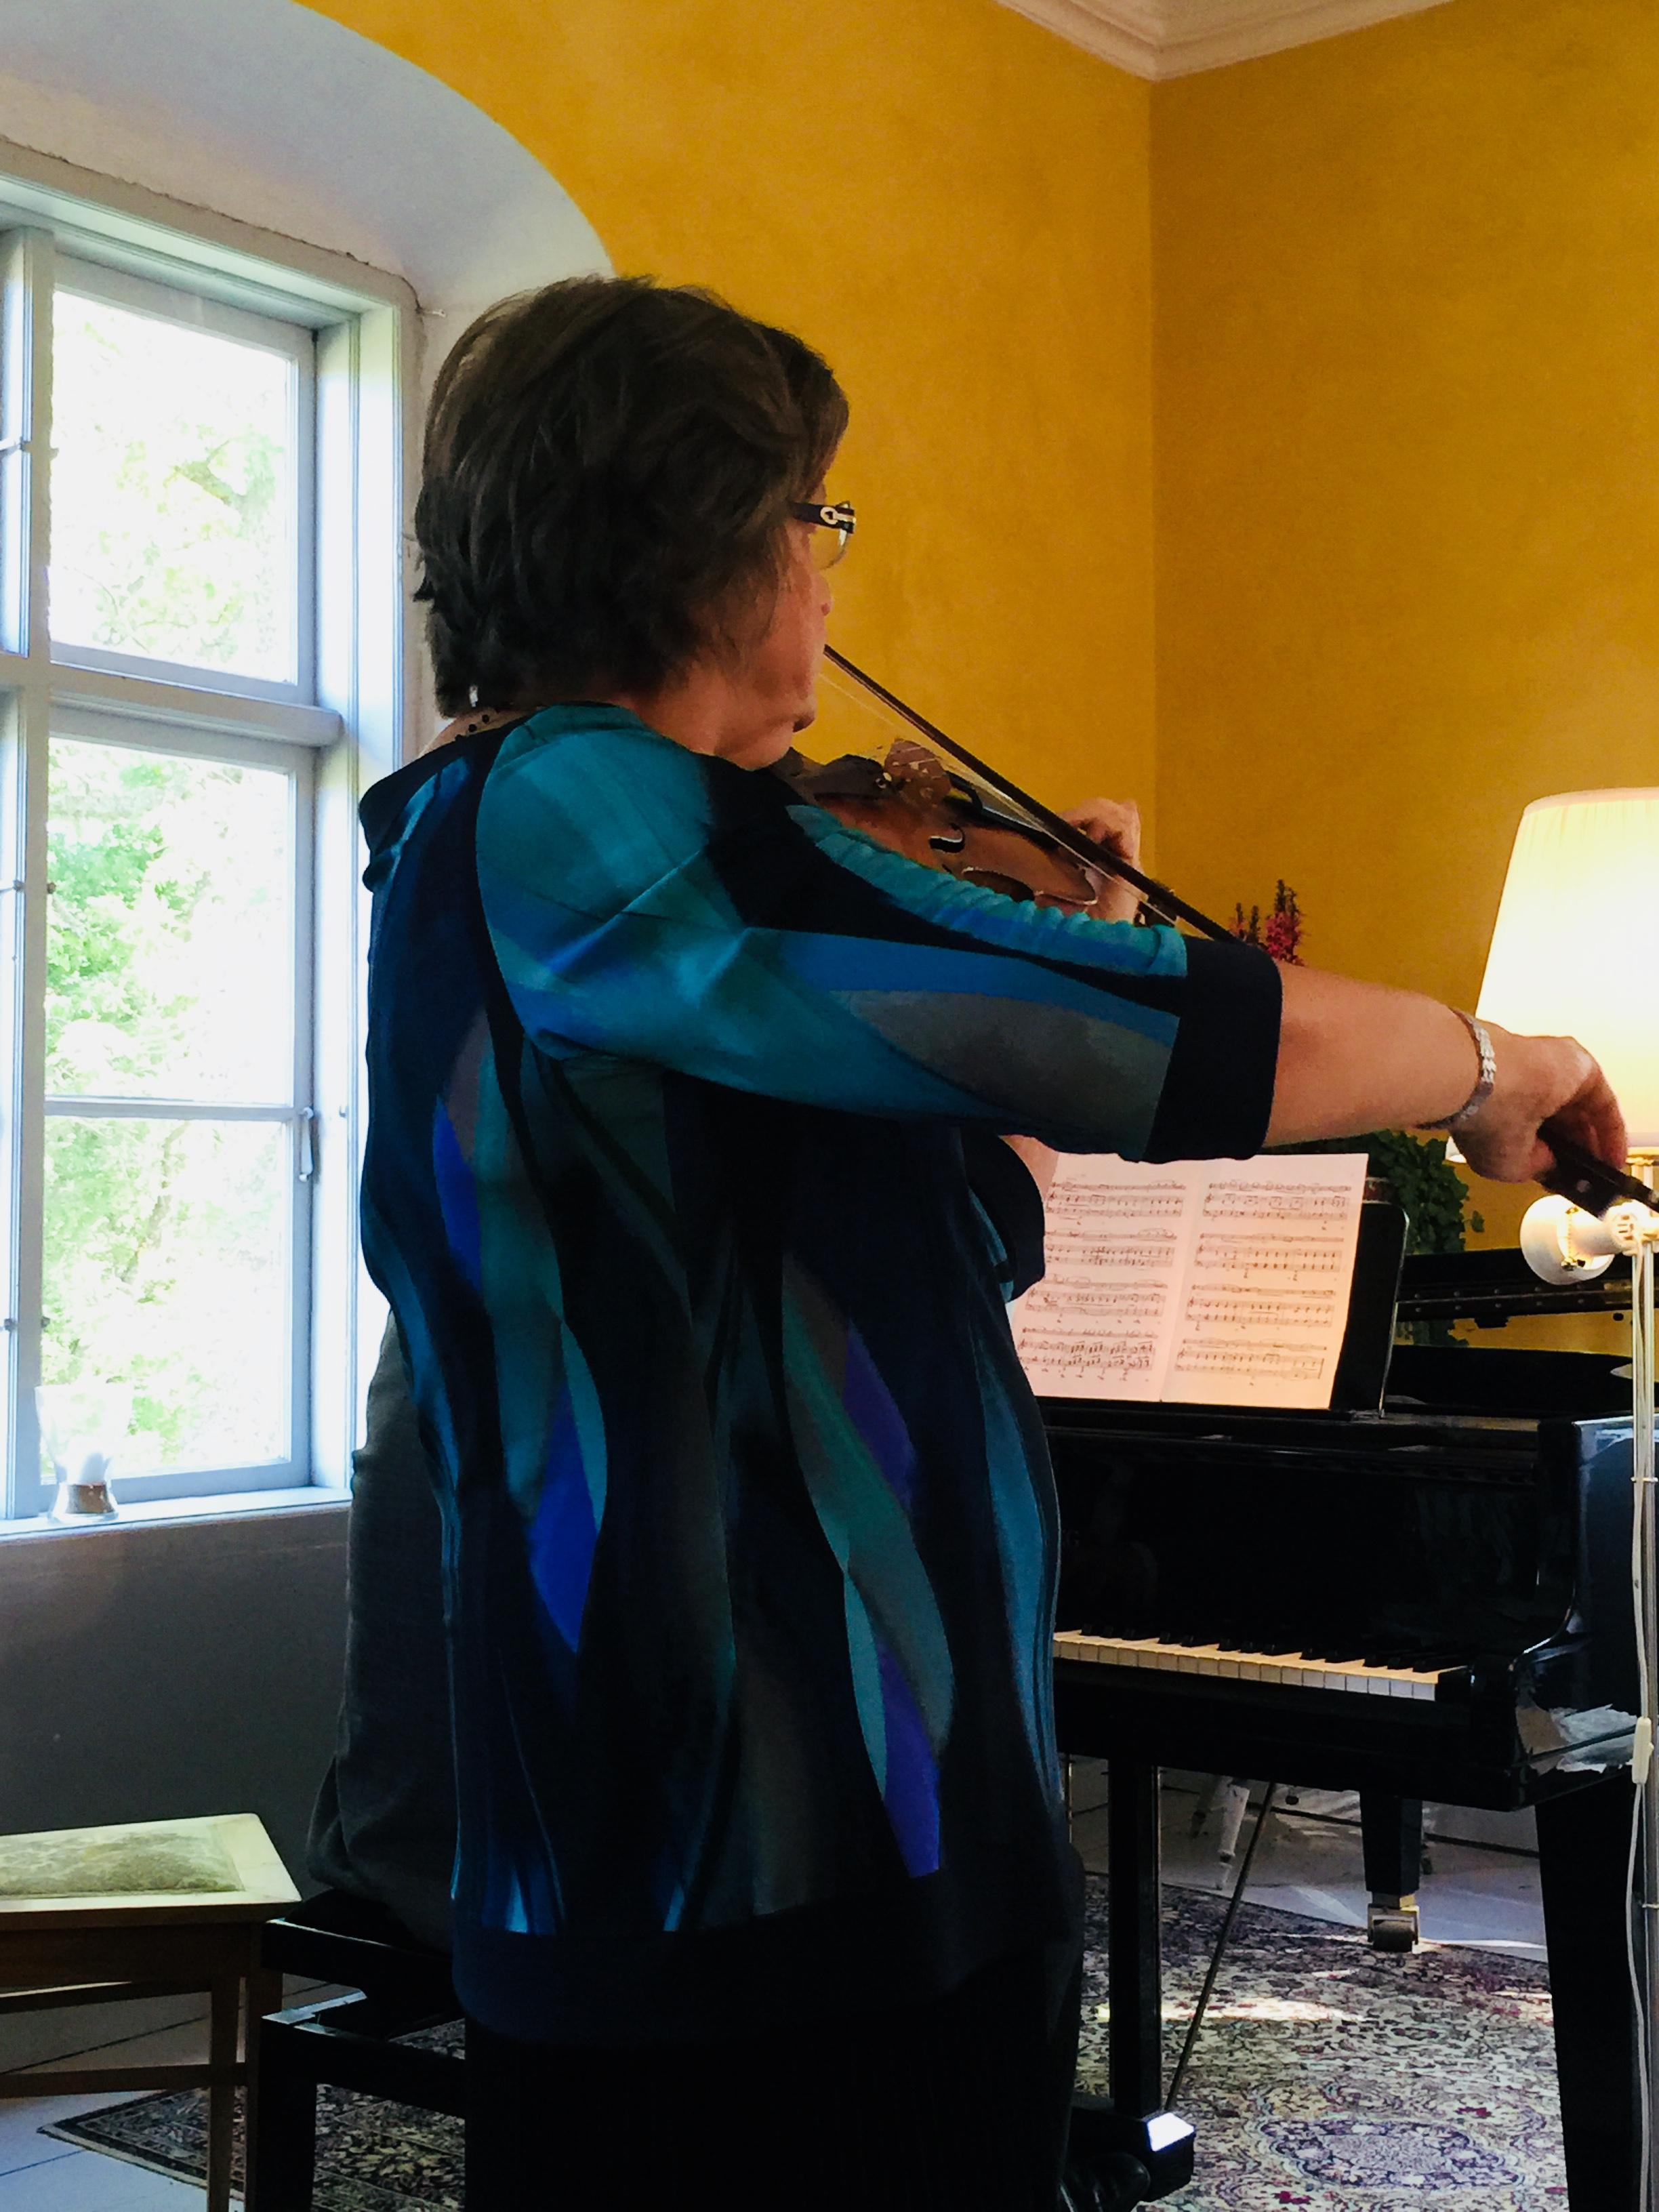 Satu Jalas plays with Sibelius' violin, 2016